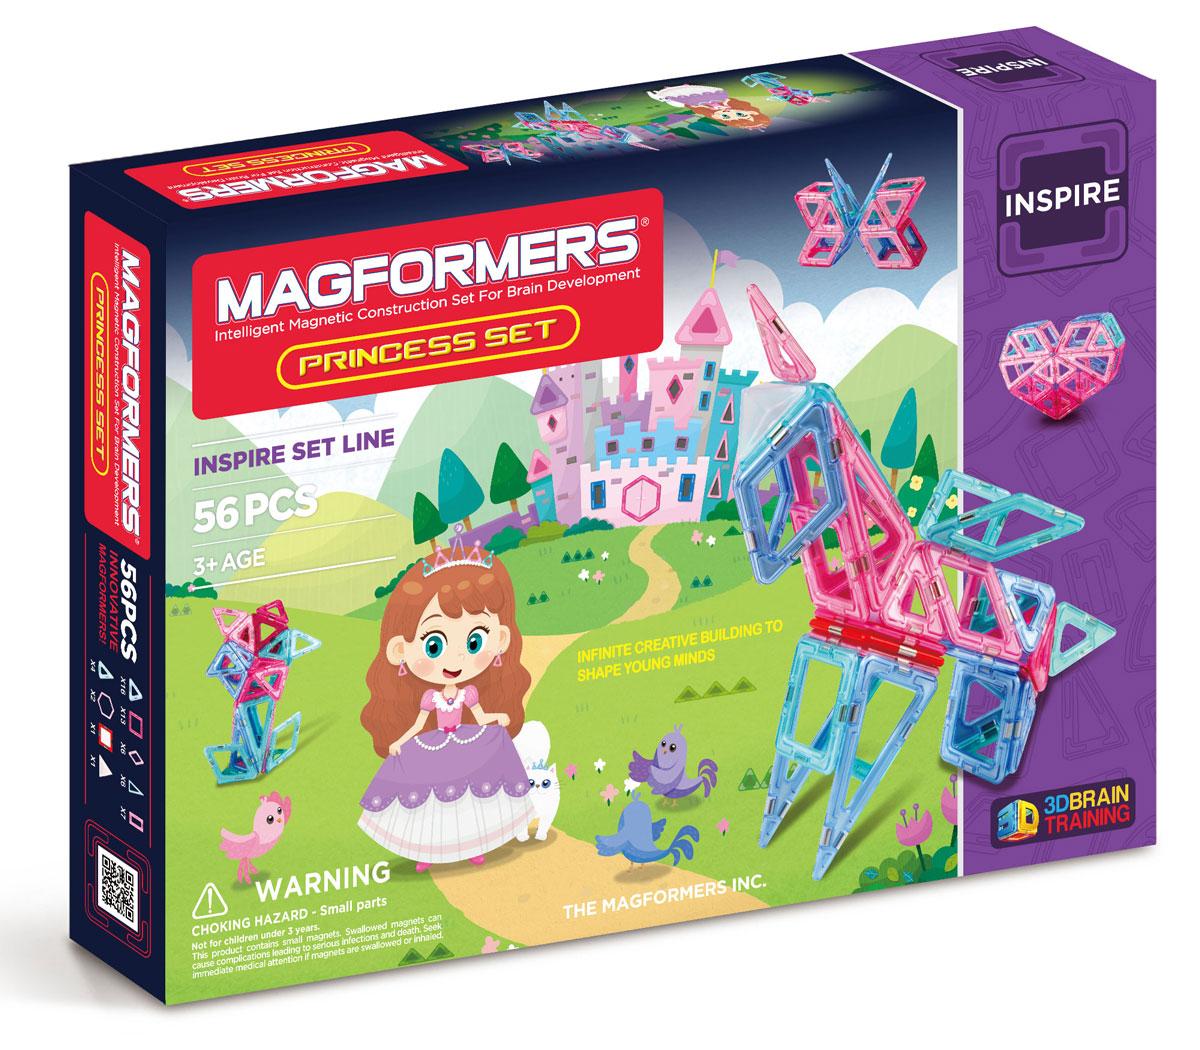 Magformers Магнитный конструктор Princess Set63134Набор Magformers Princess Set— лучший подарок для маленьких принцесс! Все детали исполнены в нежных пастельных тонах, которые так нравятся девочкам. Набор включает в себя светодиодную подсветку и светорассеивающую пирамидку. С их помощью замок, принцессы заиграет сказочными огнями, бабочки, цветы или единорог станут поистине волшебными. Обращаем ваше внимание, что наборы Магформерс предназначены для детей старше 3-х лет. Дети меньшего возраста тоже с удовольствием играют в Магформерс, но только вместе с родителями!